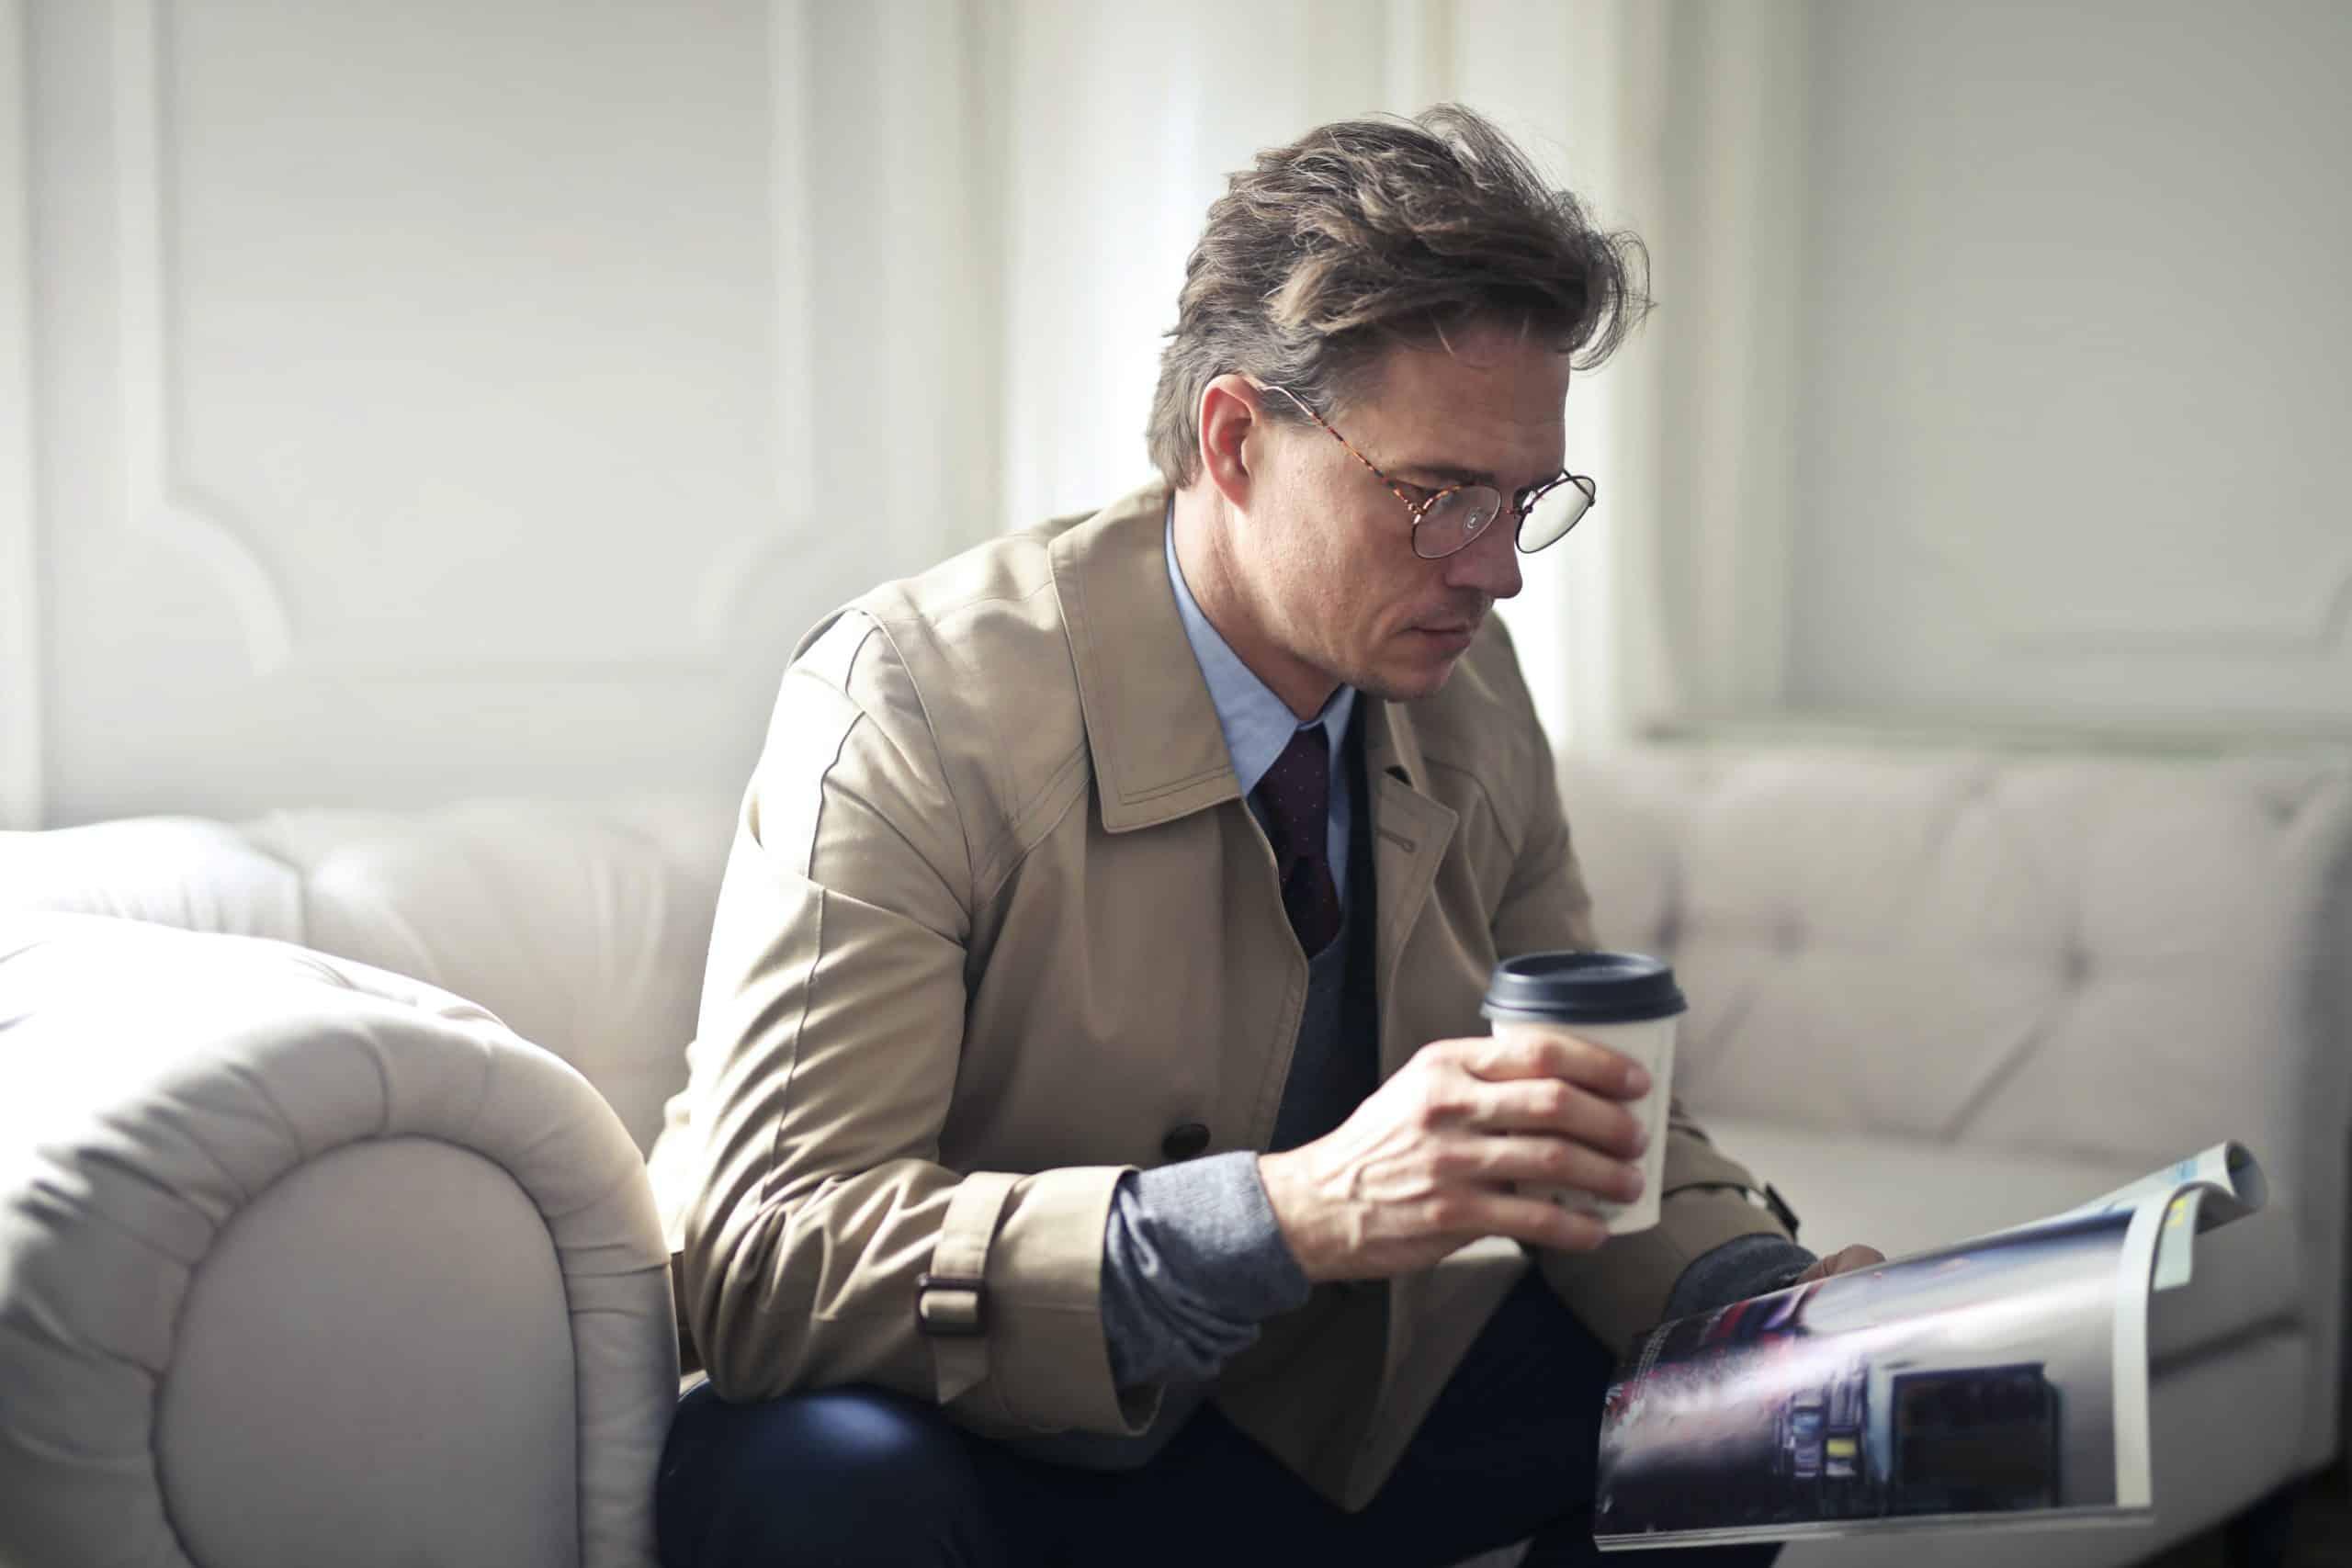 Homme assis buvant un café dans un gobelet jetable